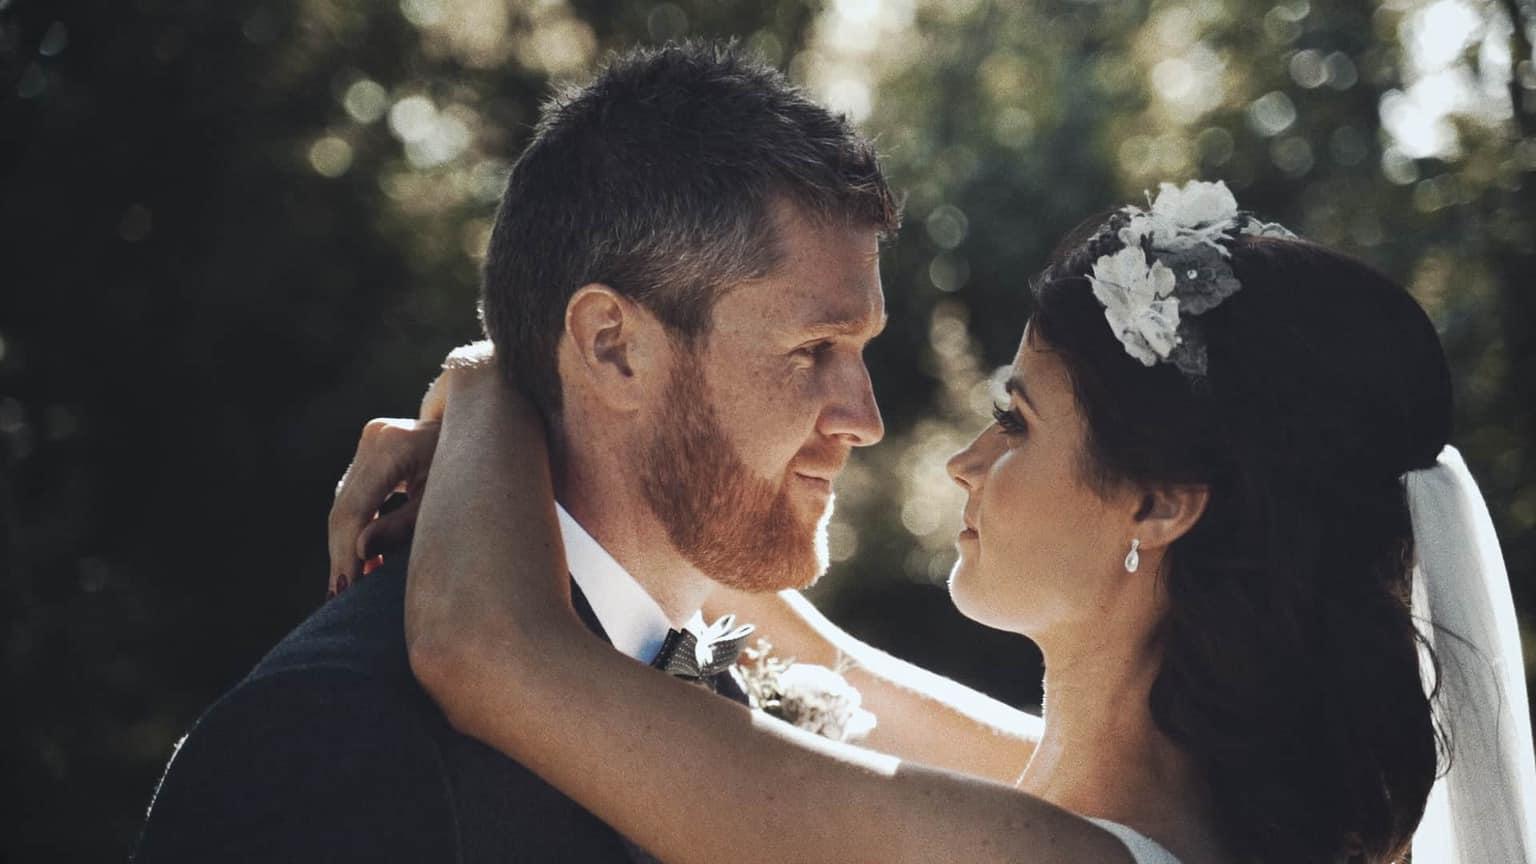 Bride and groom looking deeply in eyes